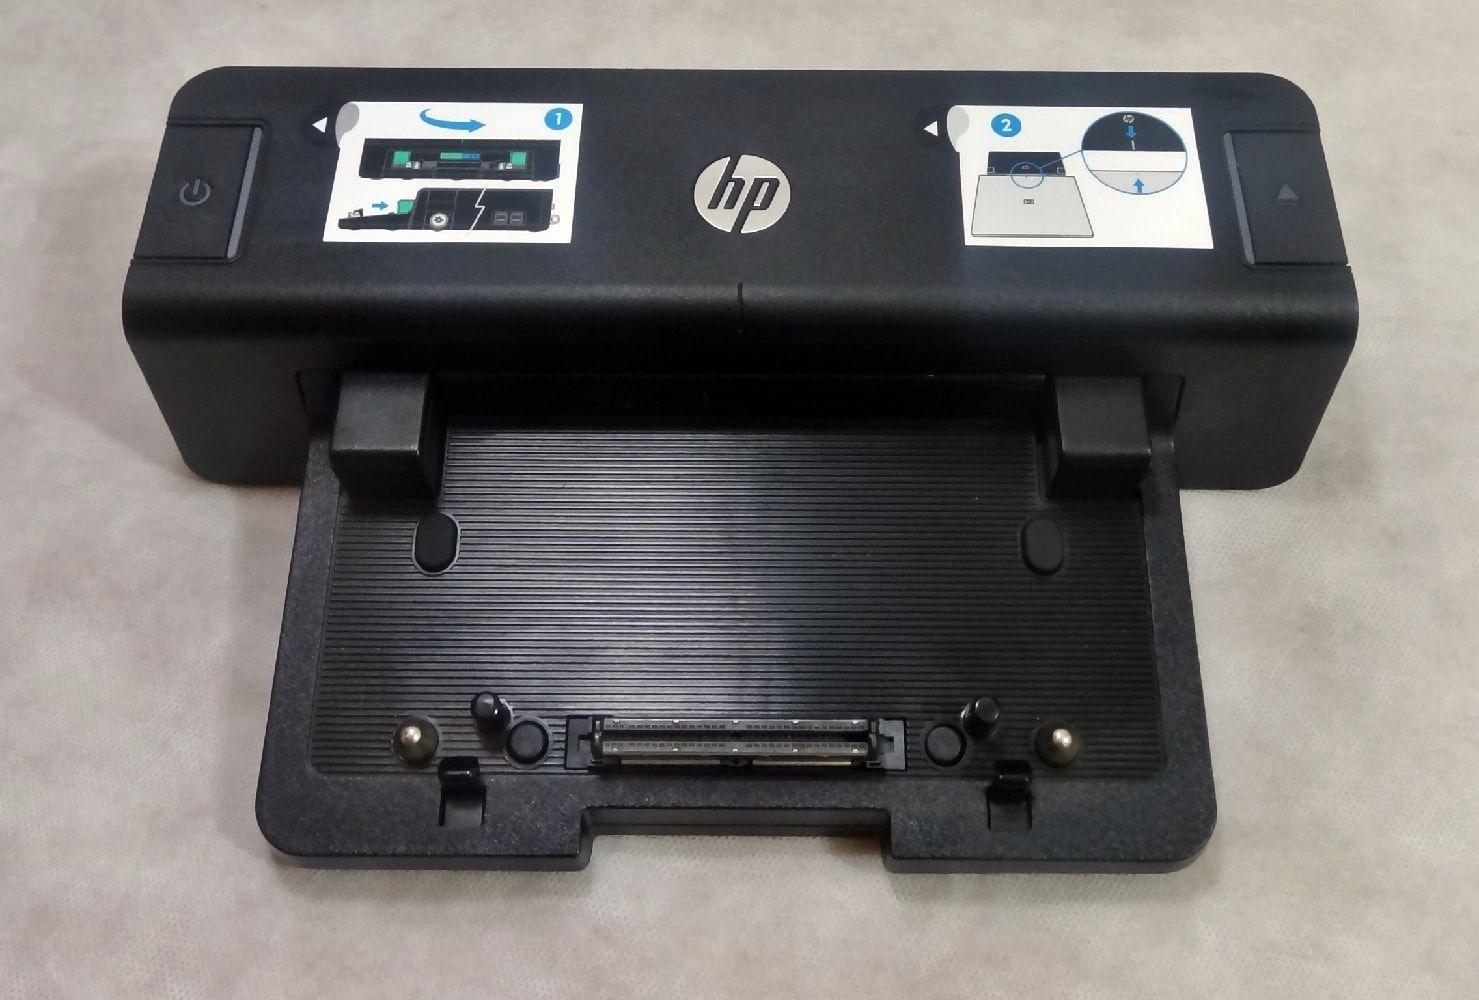 Docking Station HP A7E32AA#AC4